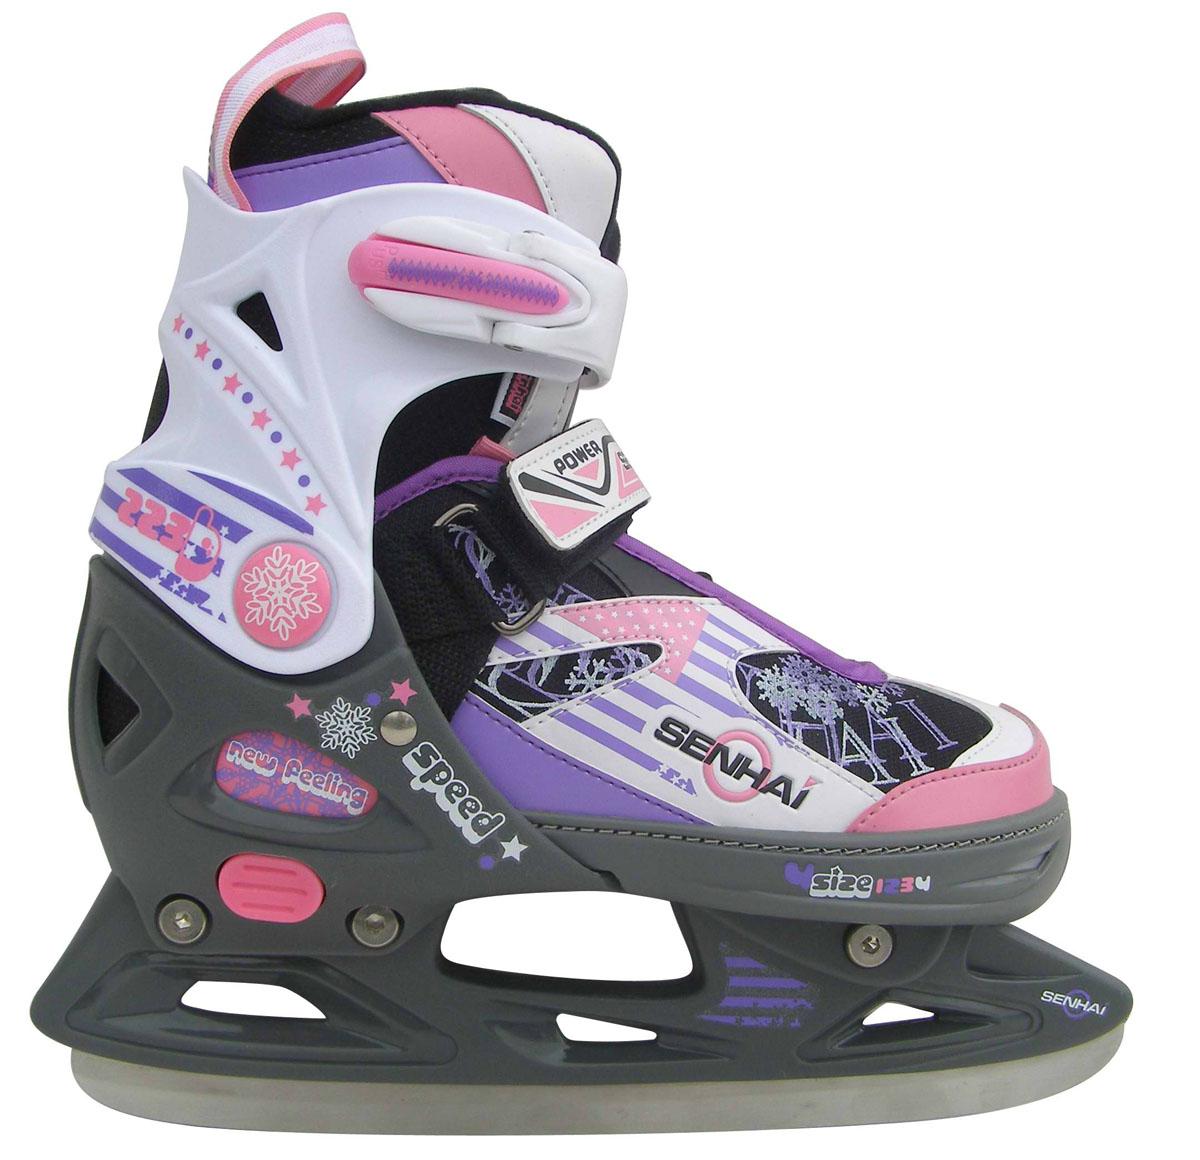 Коньки ледовые детские Action, раздвижные, цвет: фиолетовый, розовый, белый. PW-226. Размер 29/32